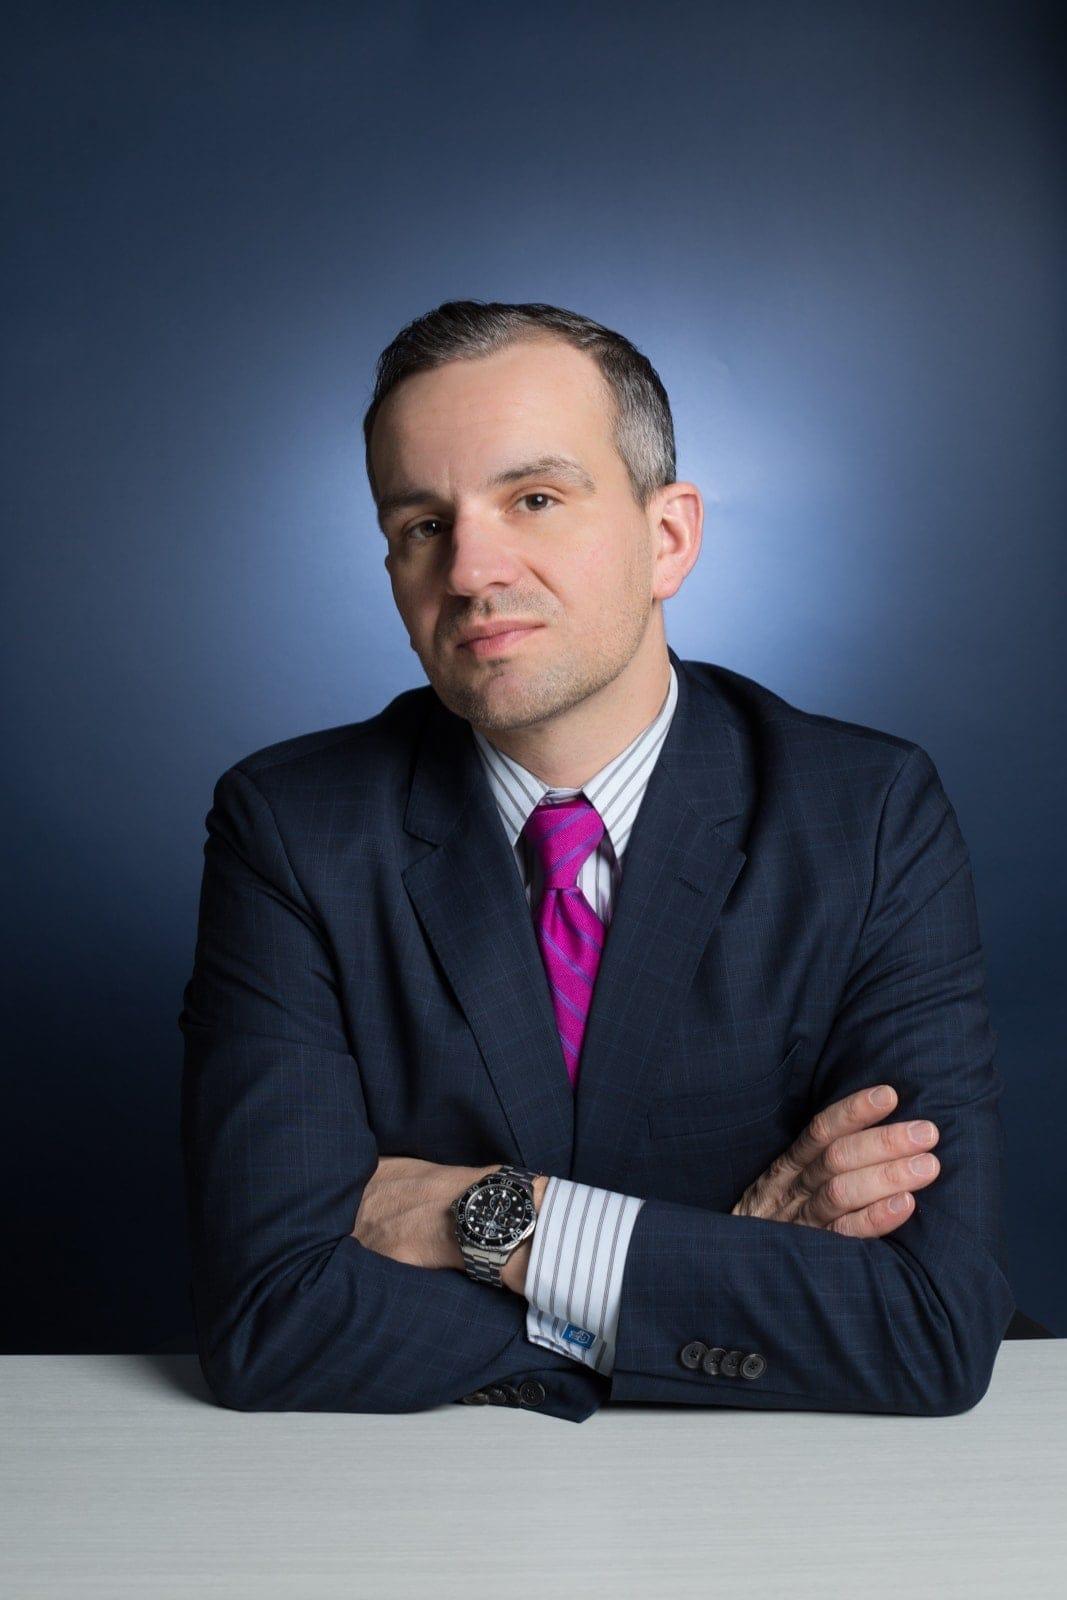 Sean Robichaud, Lead Counsel